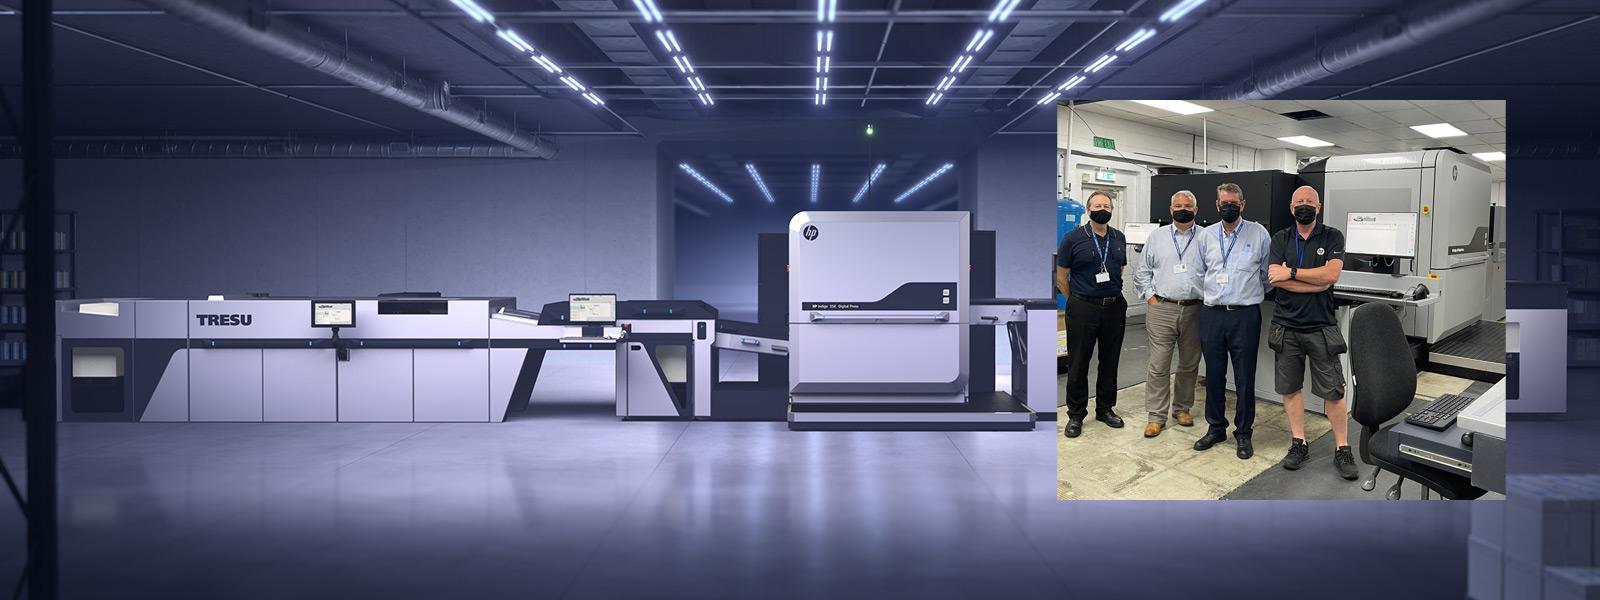 New HP Digital Press at Thames Technology